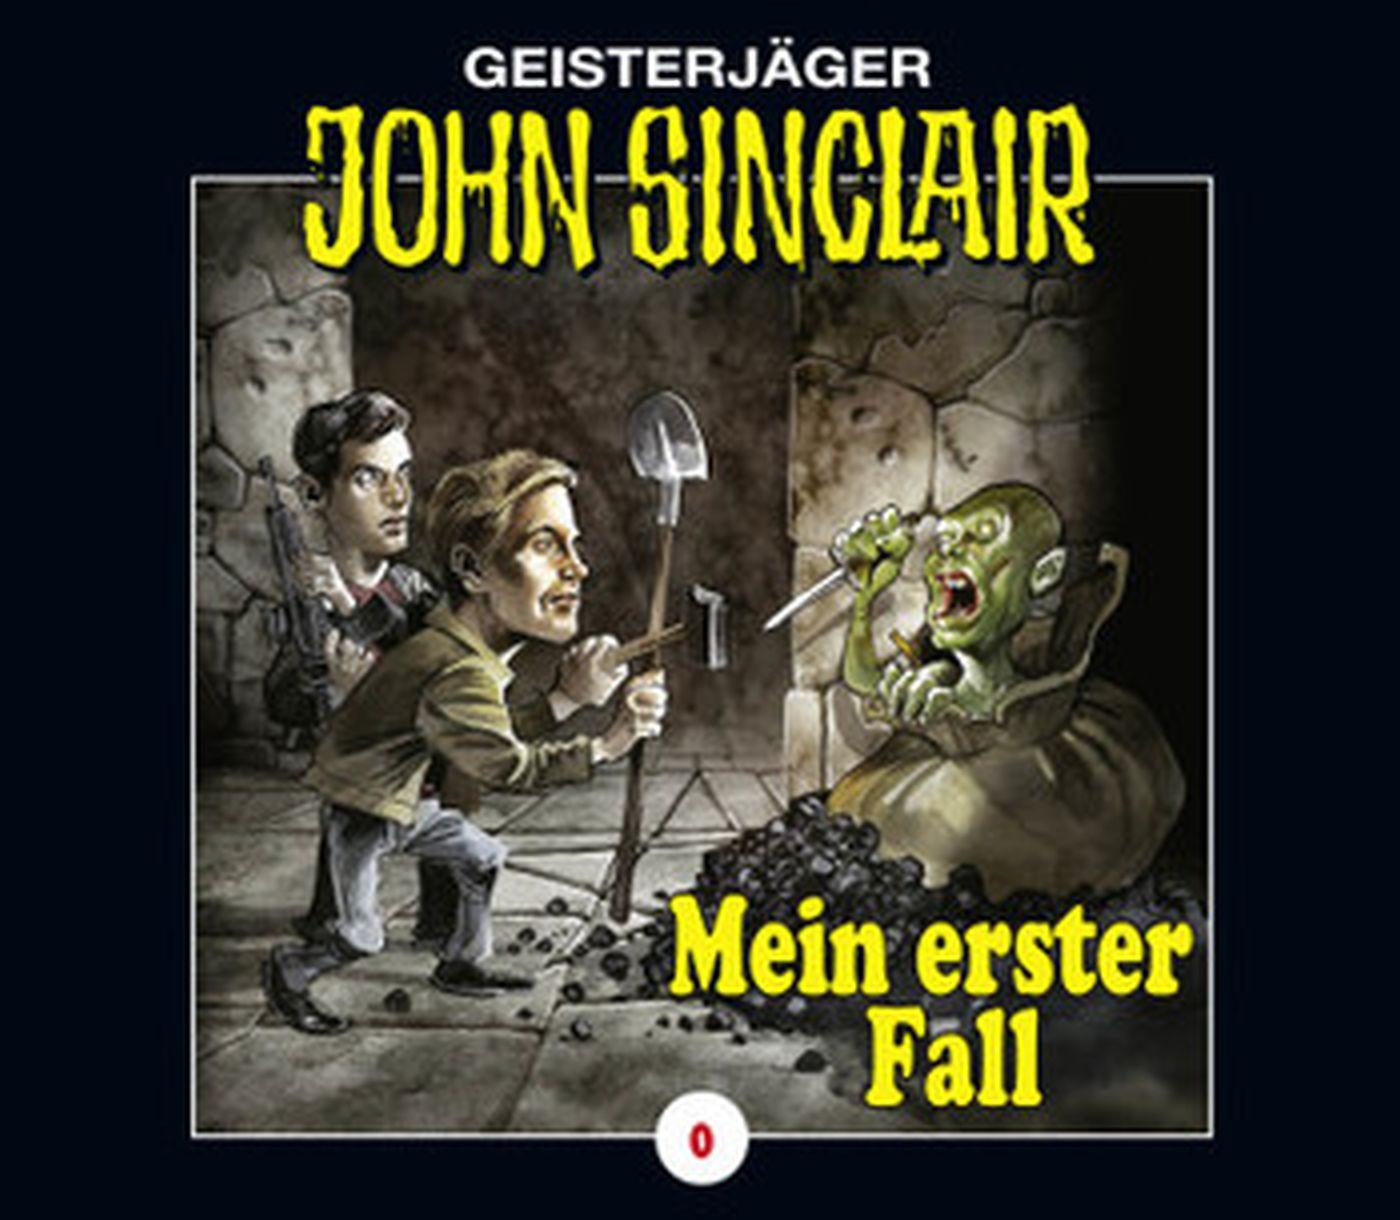 John Sinclair - Mein erster Fall